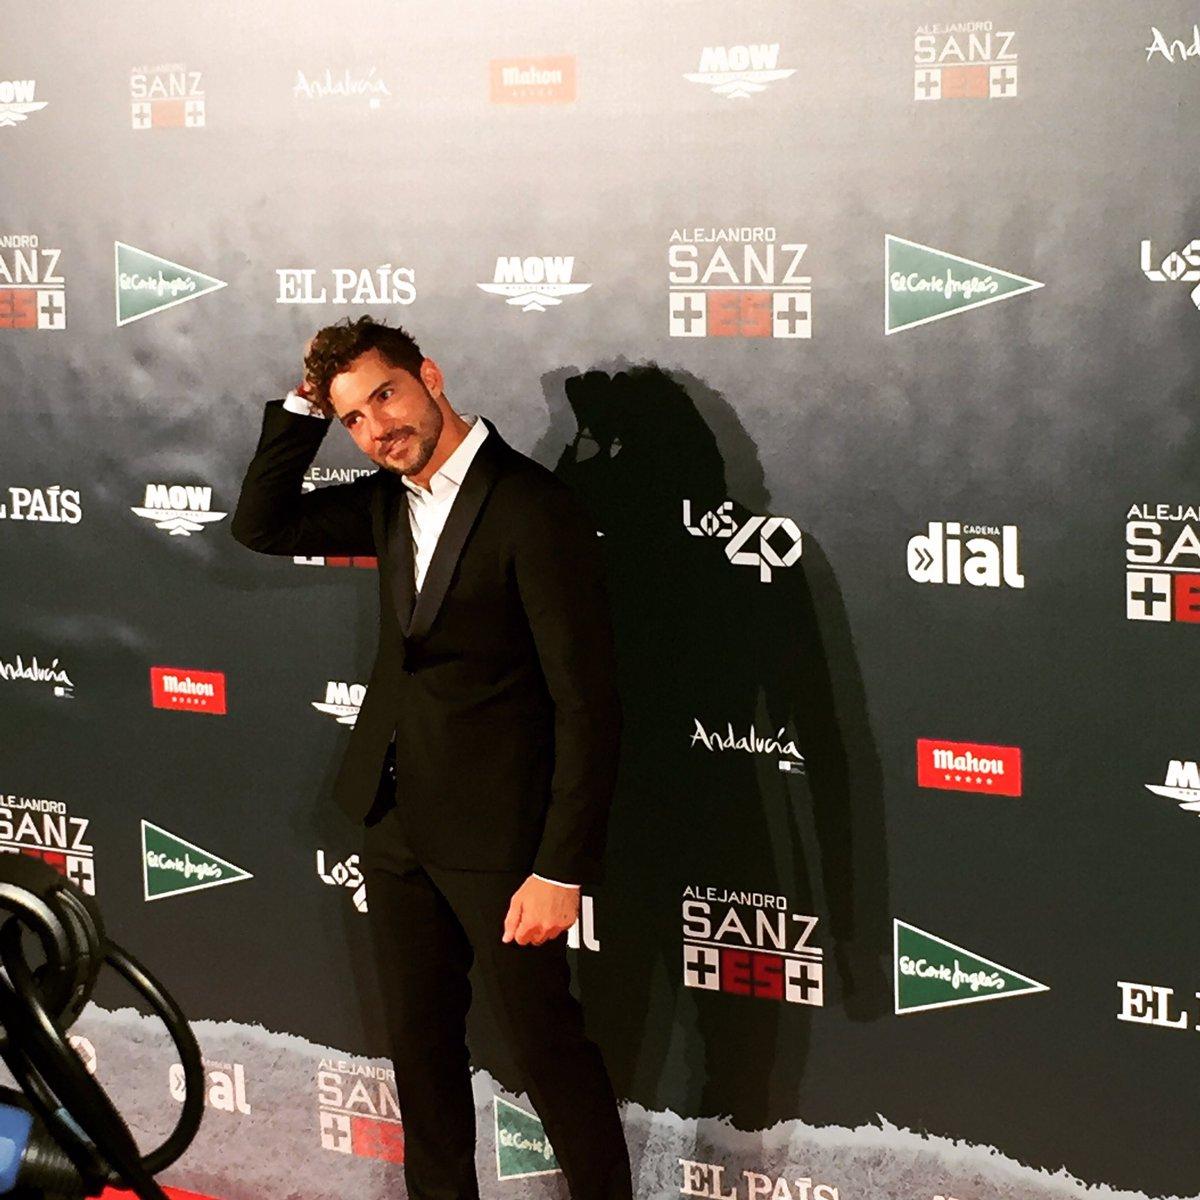 Siempre ha sido un grande este chico! Que elegante @davidbisbal #MásEs...